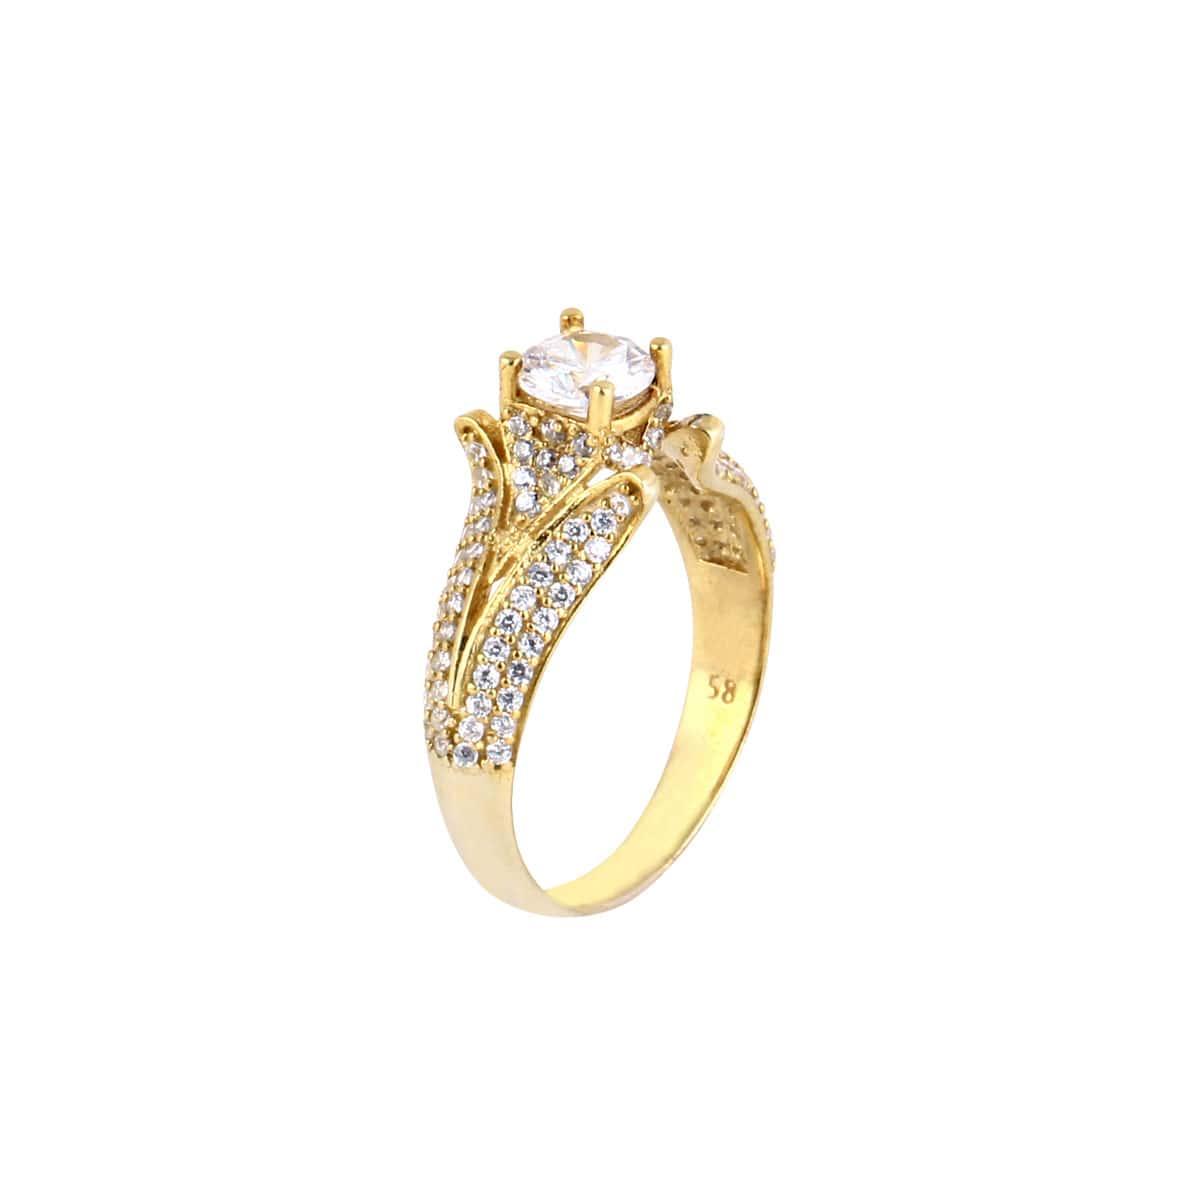 خرید انگشتر نقره زنانه نگین دار مدل آراشید